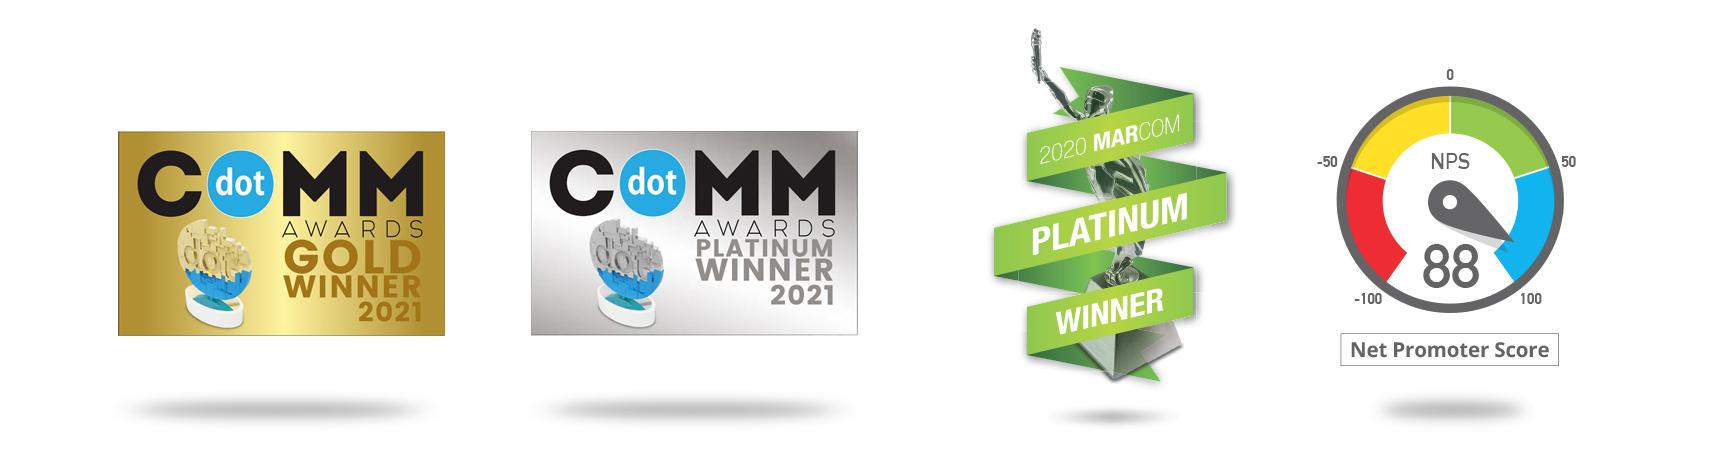 comunication partners awards